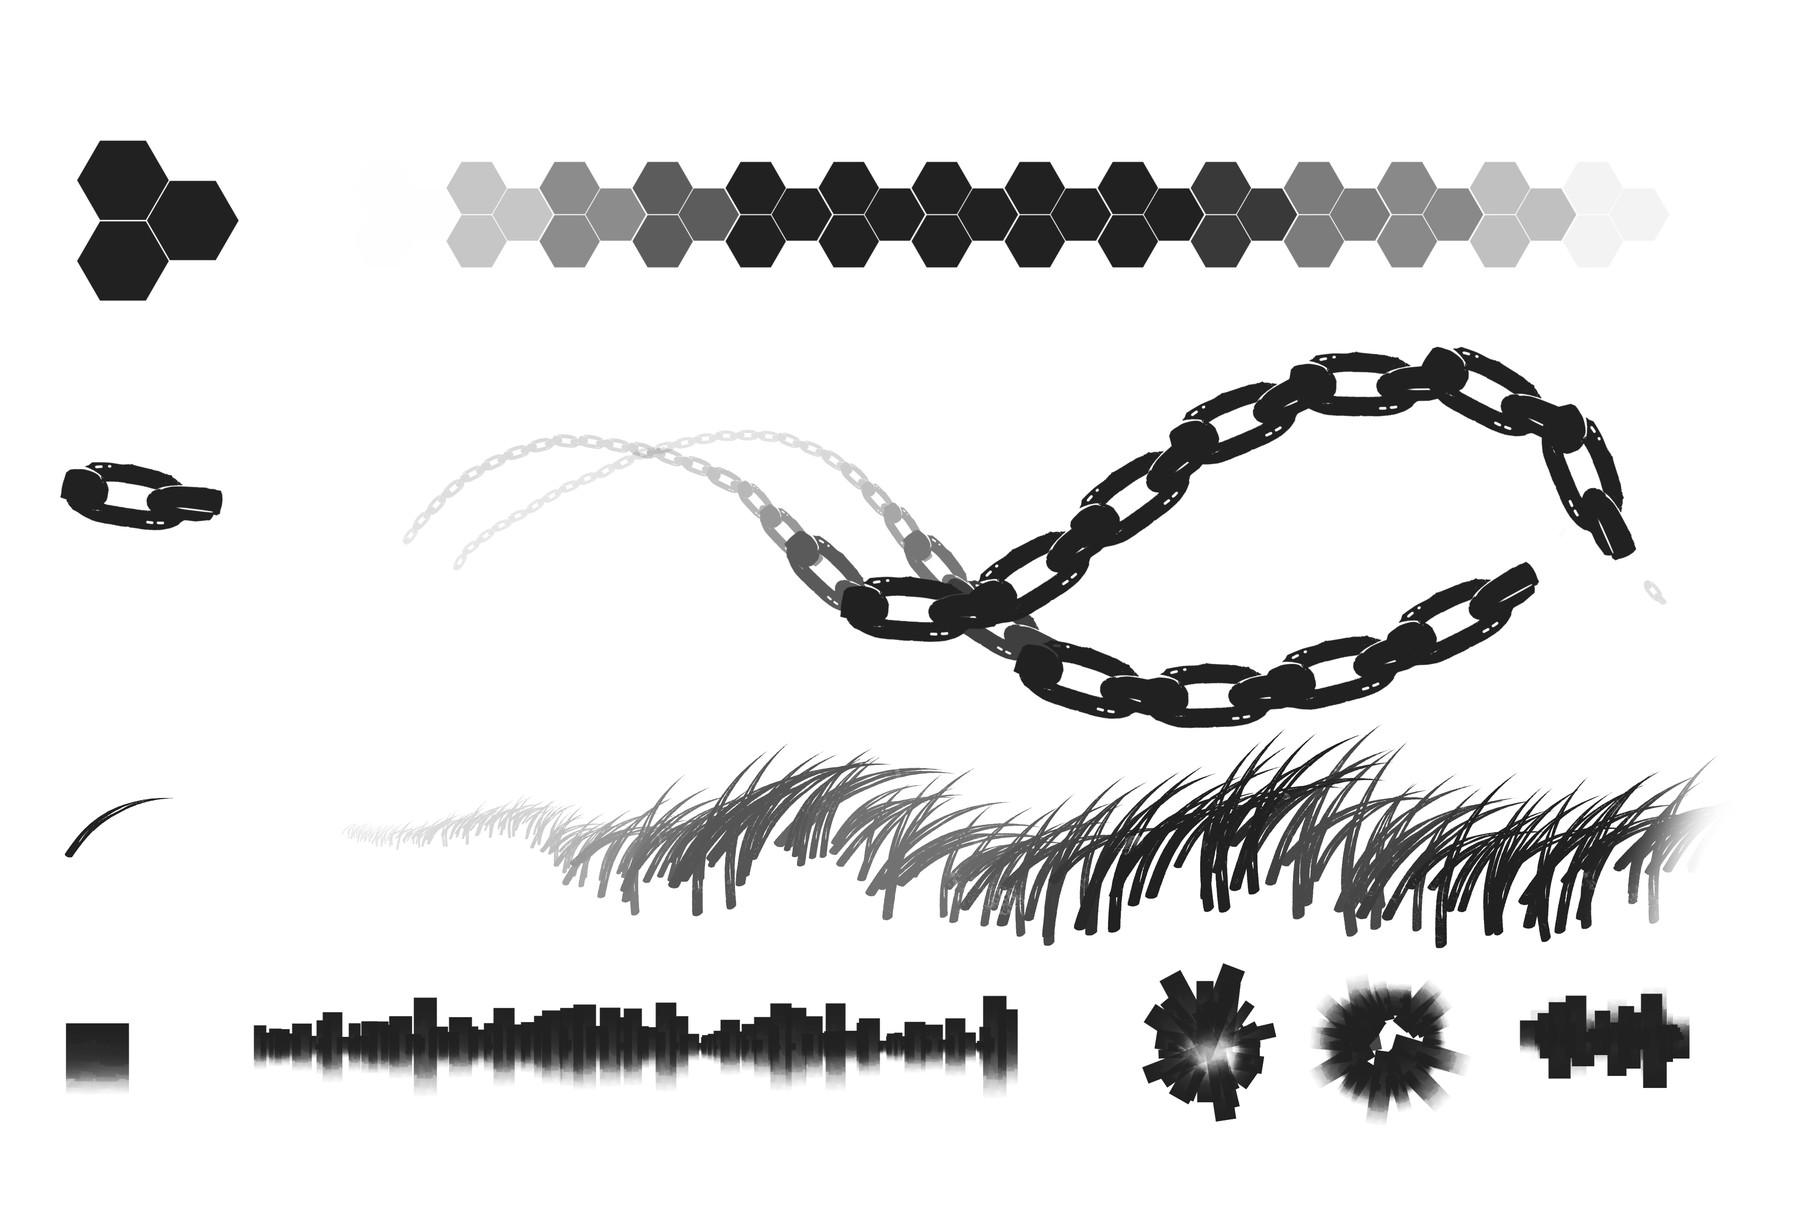 Rashed AlAkroka - Pattern Brushes